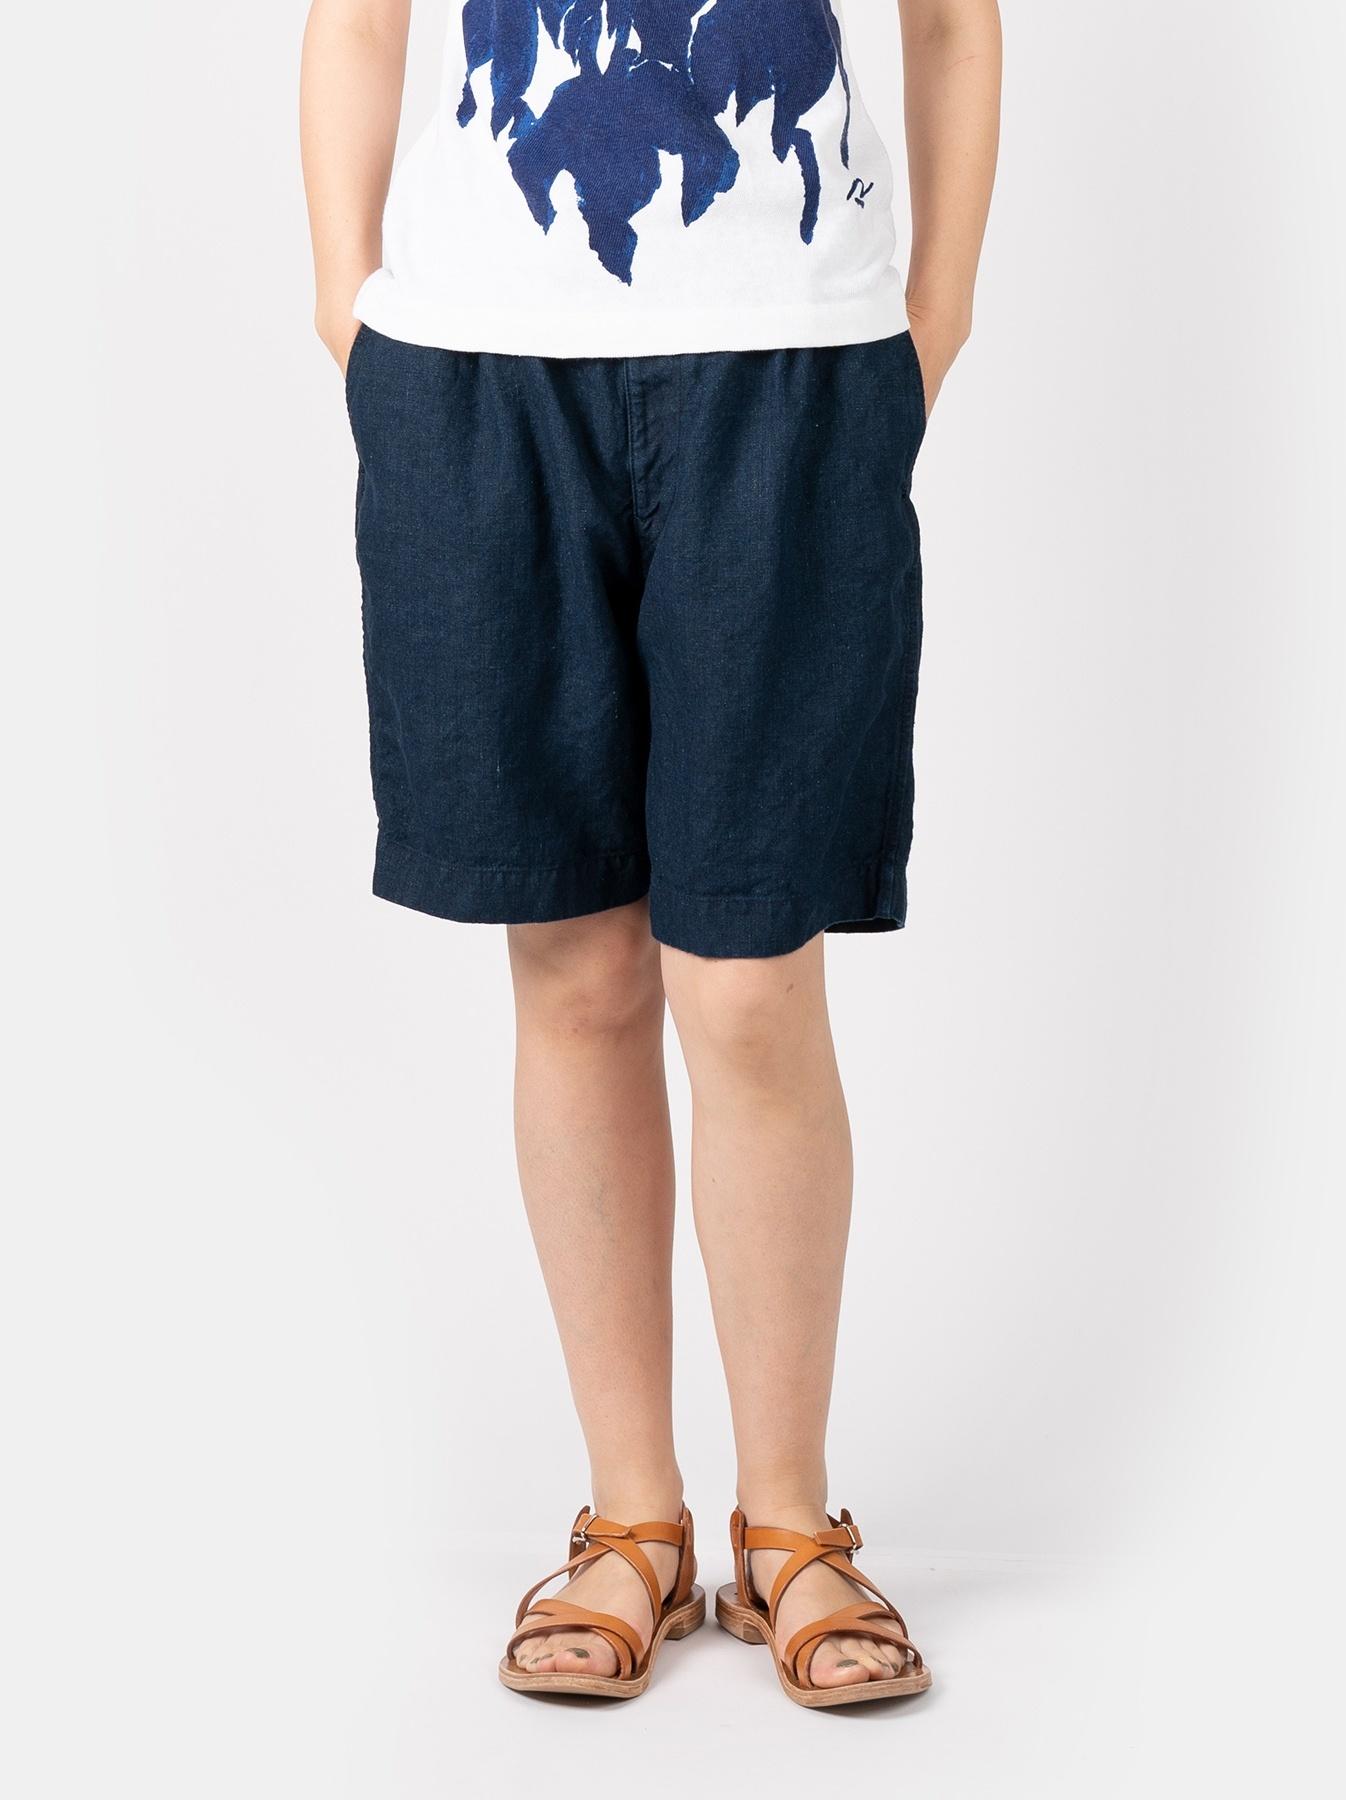 WH Indigo Doek Majotae Umiiloha 908 Short Pants-3